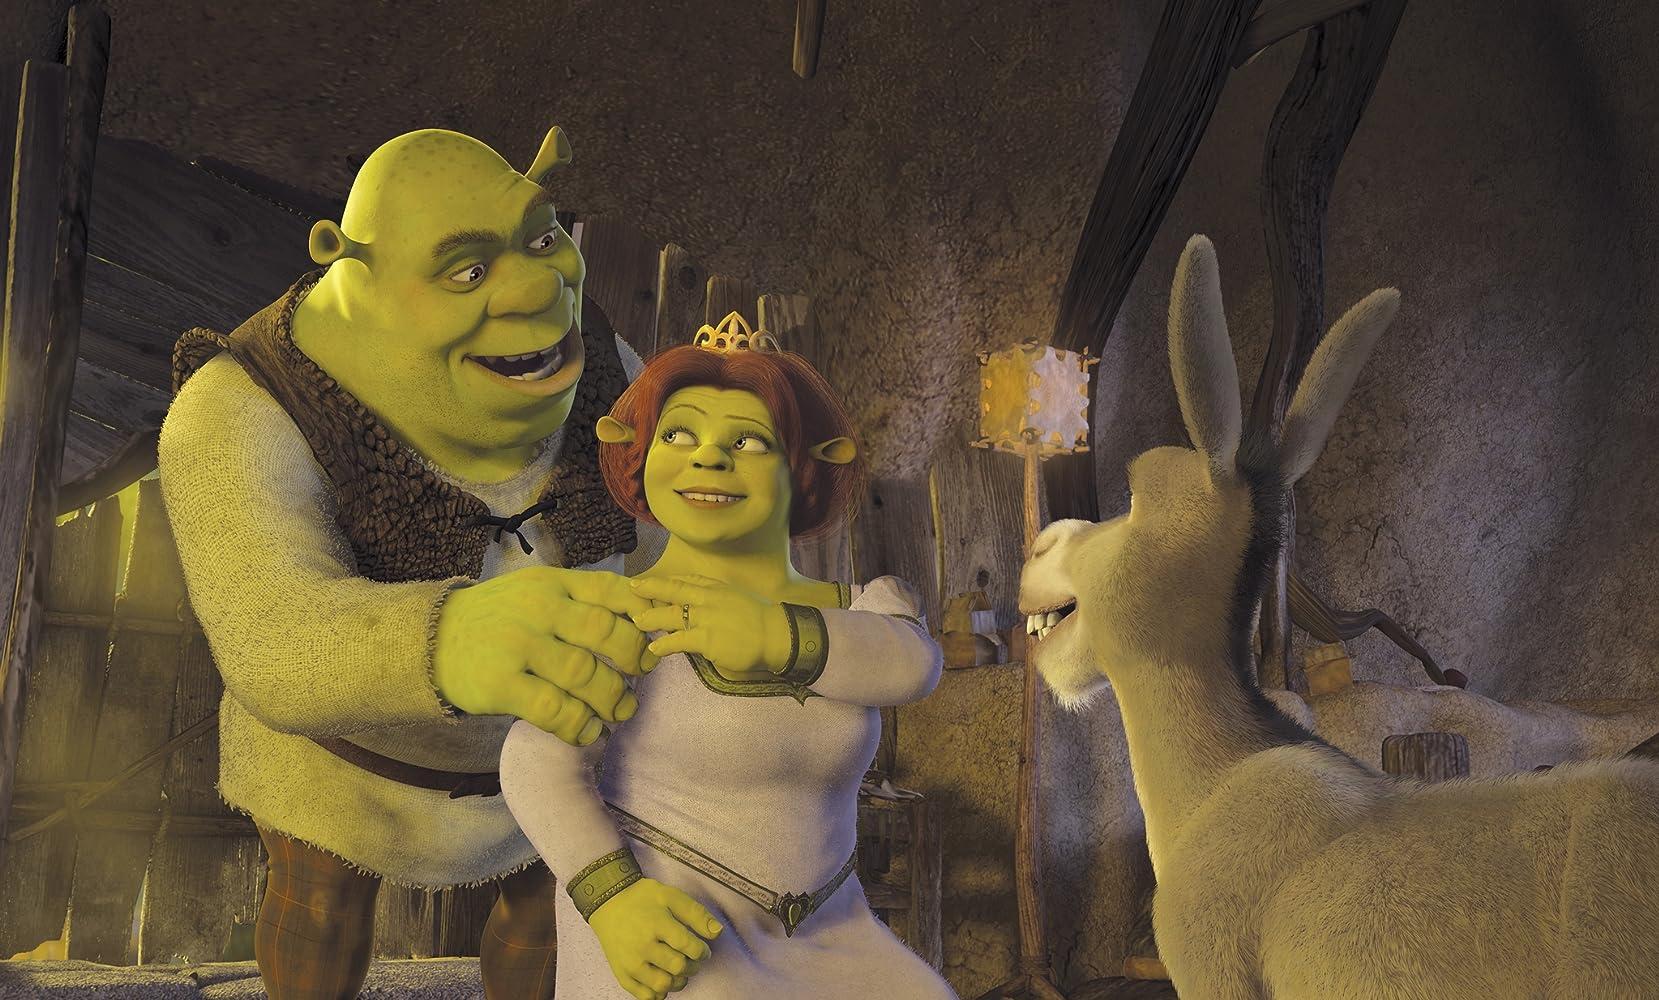 Cameron Diaz, Mike Myers, and Eddie Murphy in Shrek 2 (2004)